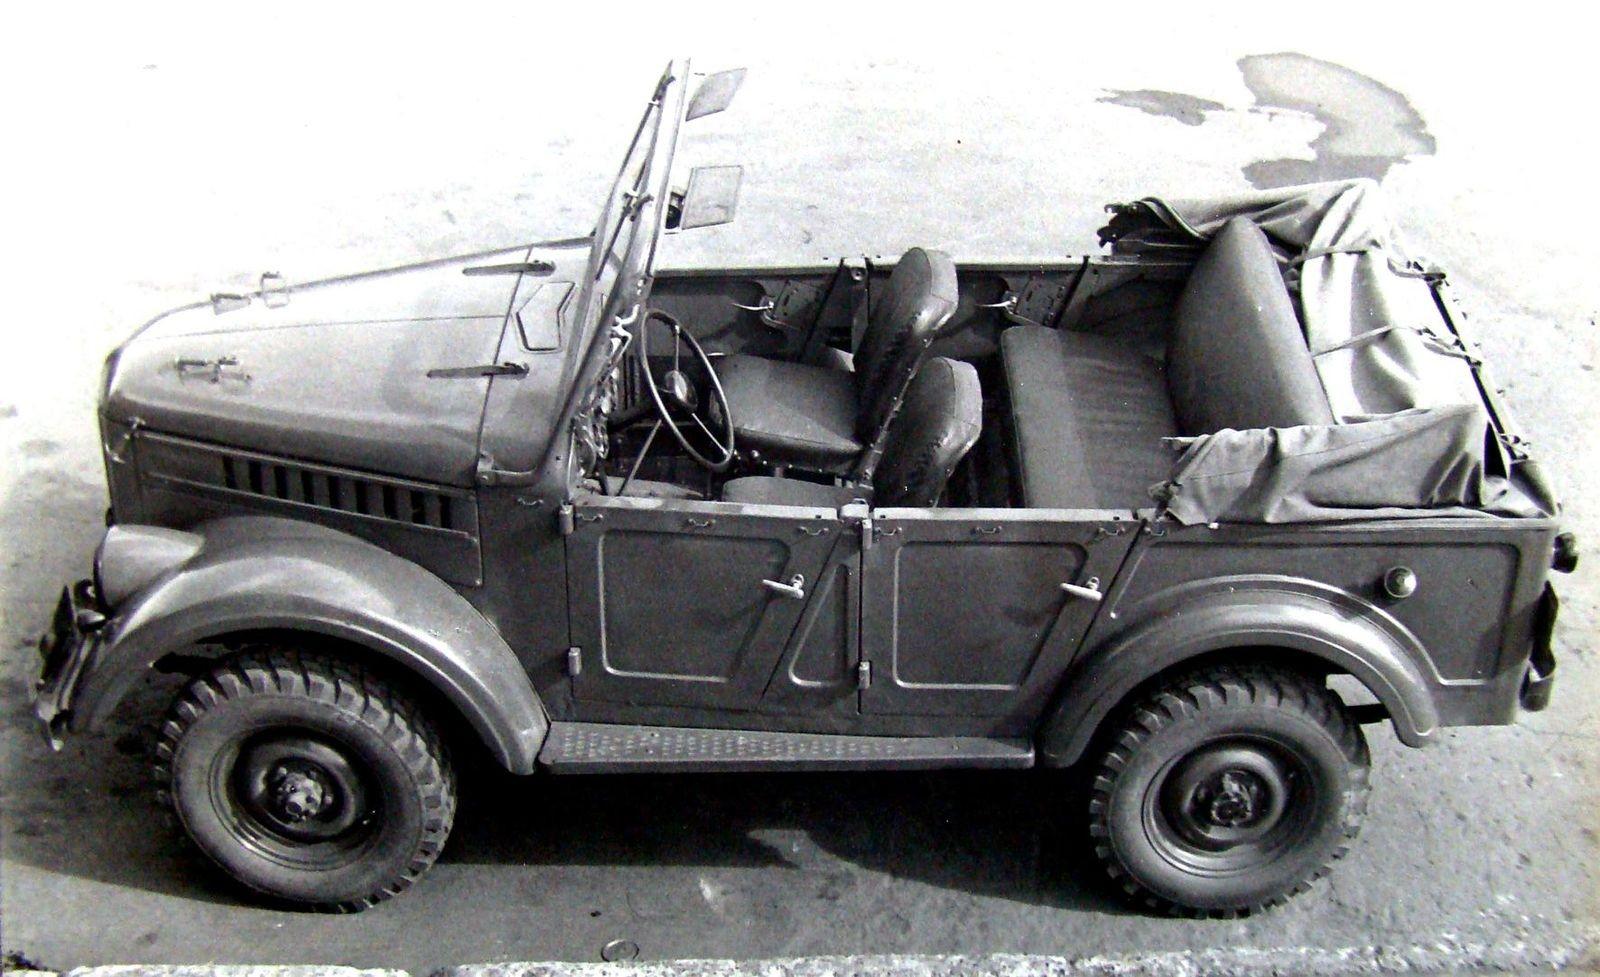 Советские боевые «Козлы» ГАЗ-69: штабные, артиллерийские, противотанковые и не только